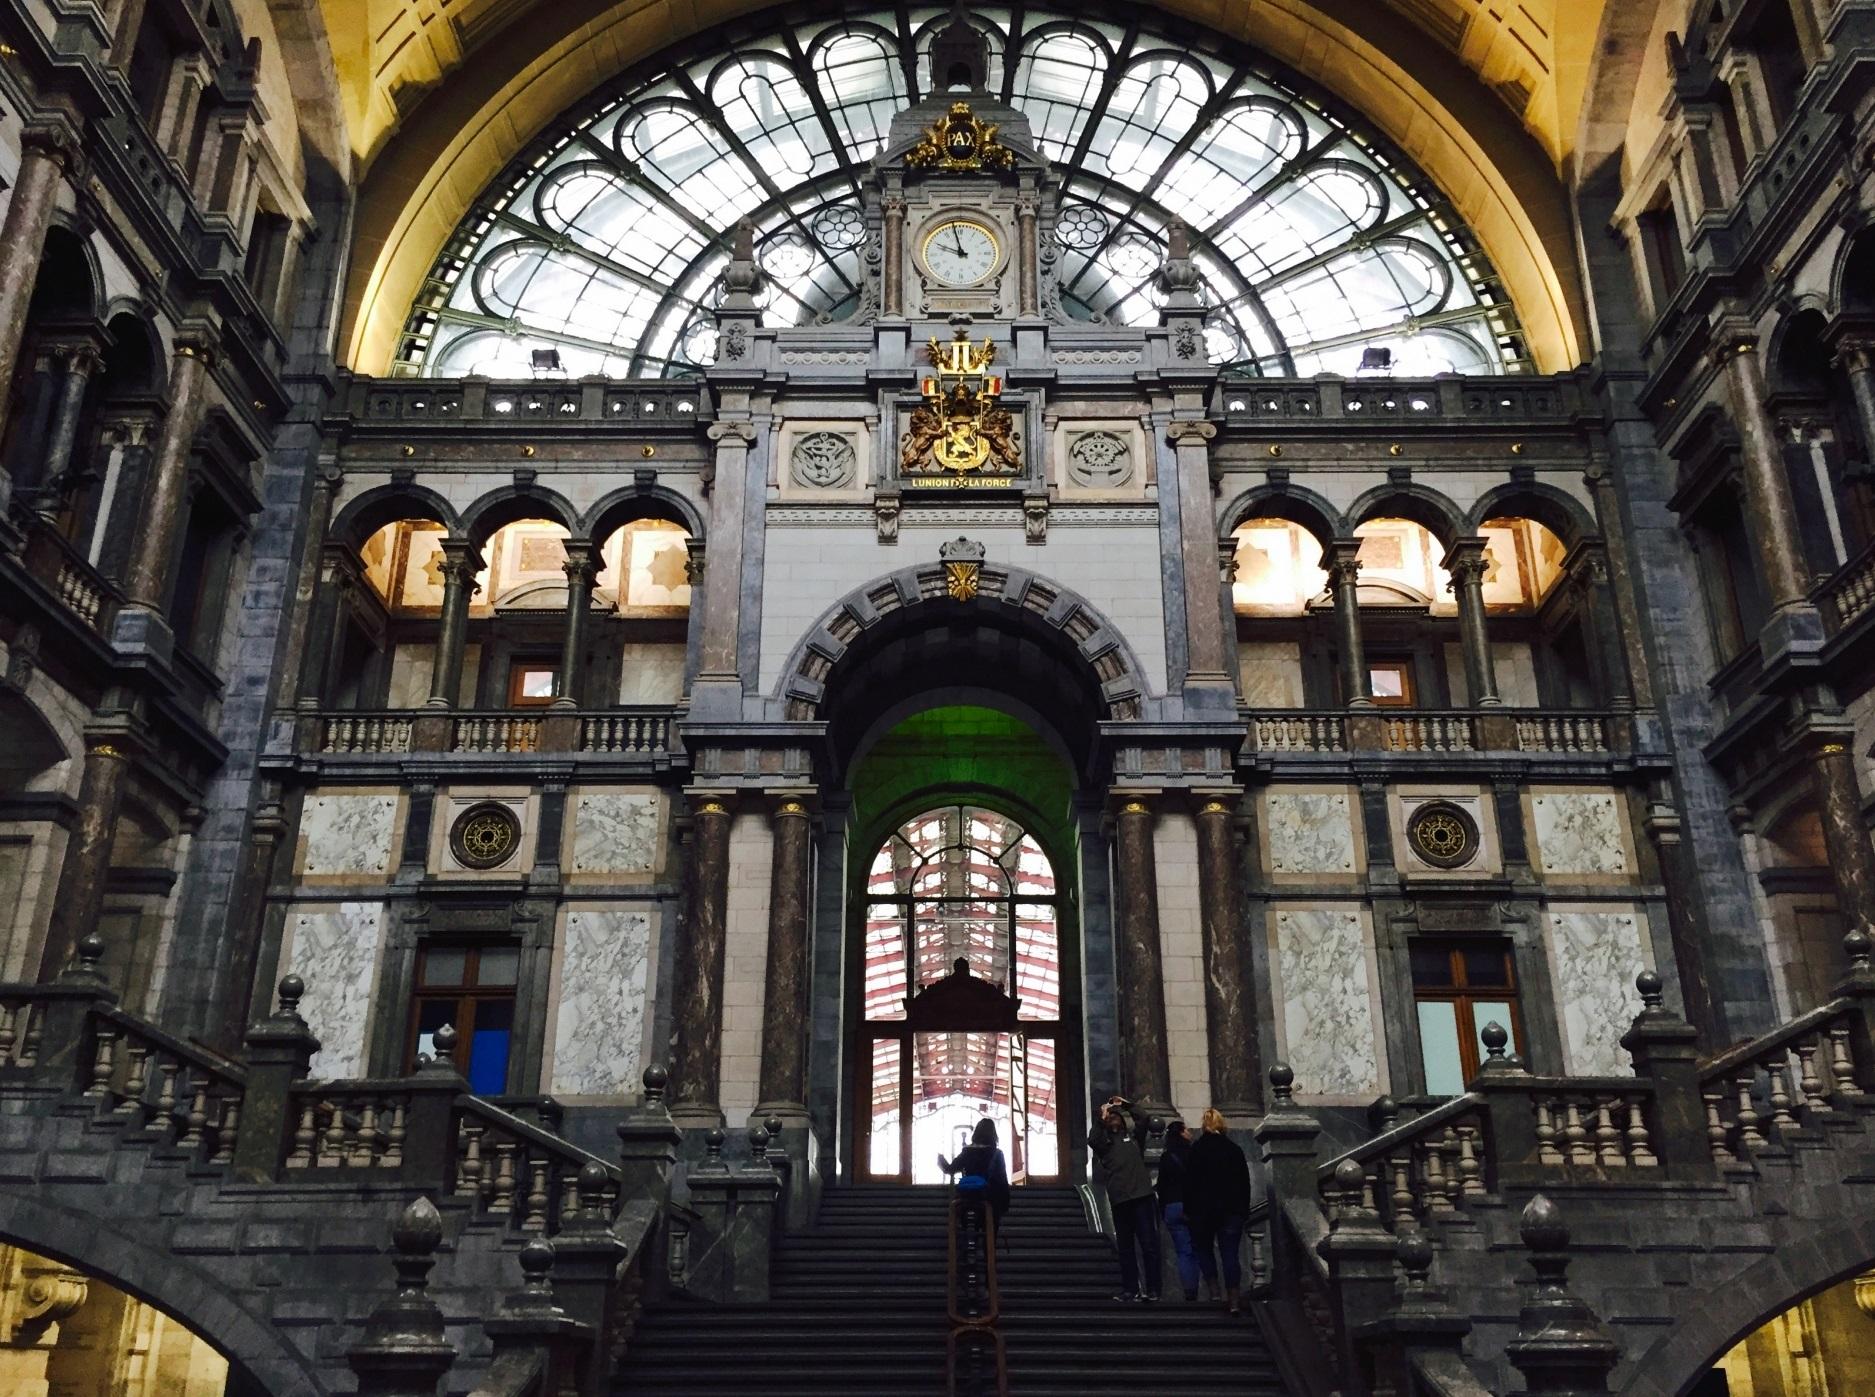 世界一美しい駅!!芸術の街ベルギーが誇る「アントワープ中央駅」の魅力!!